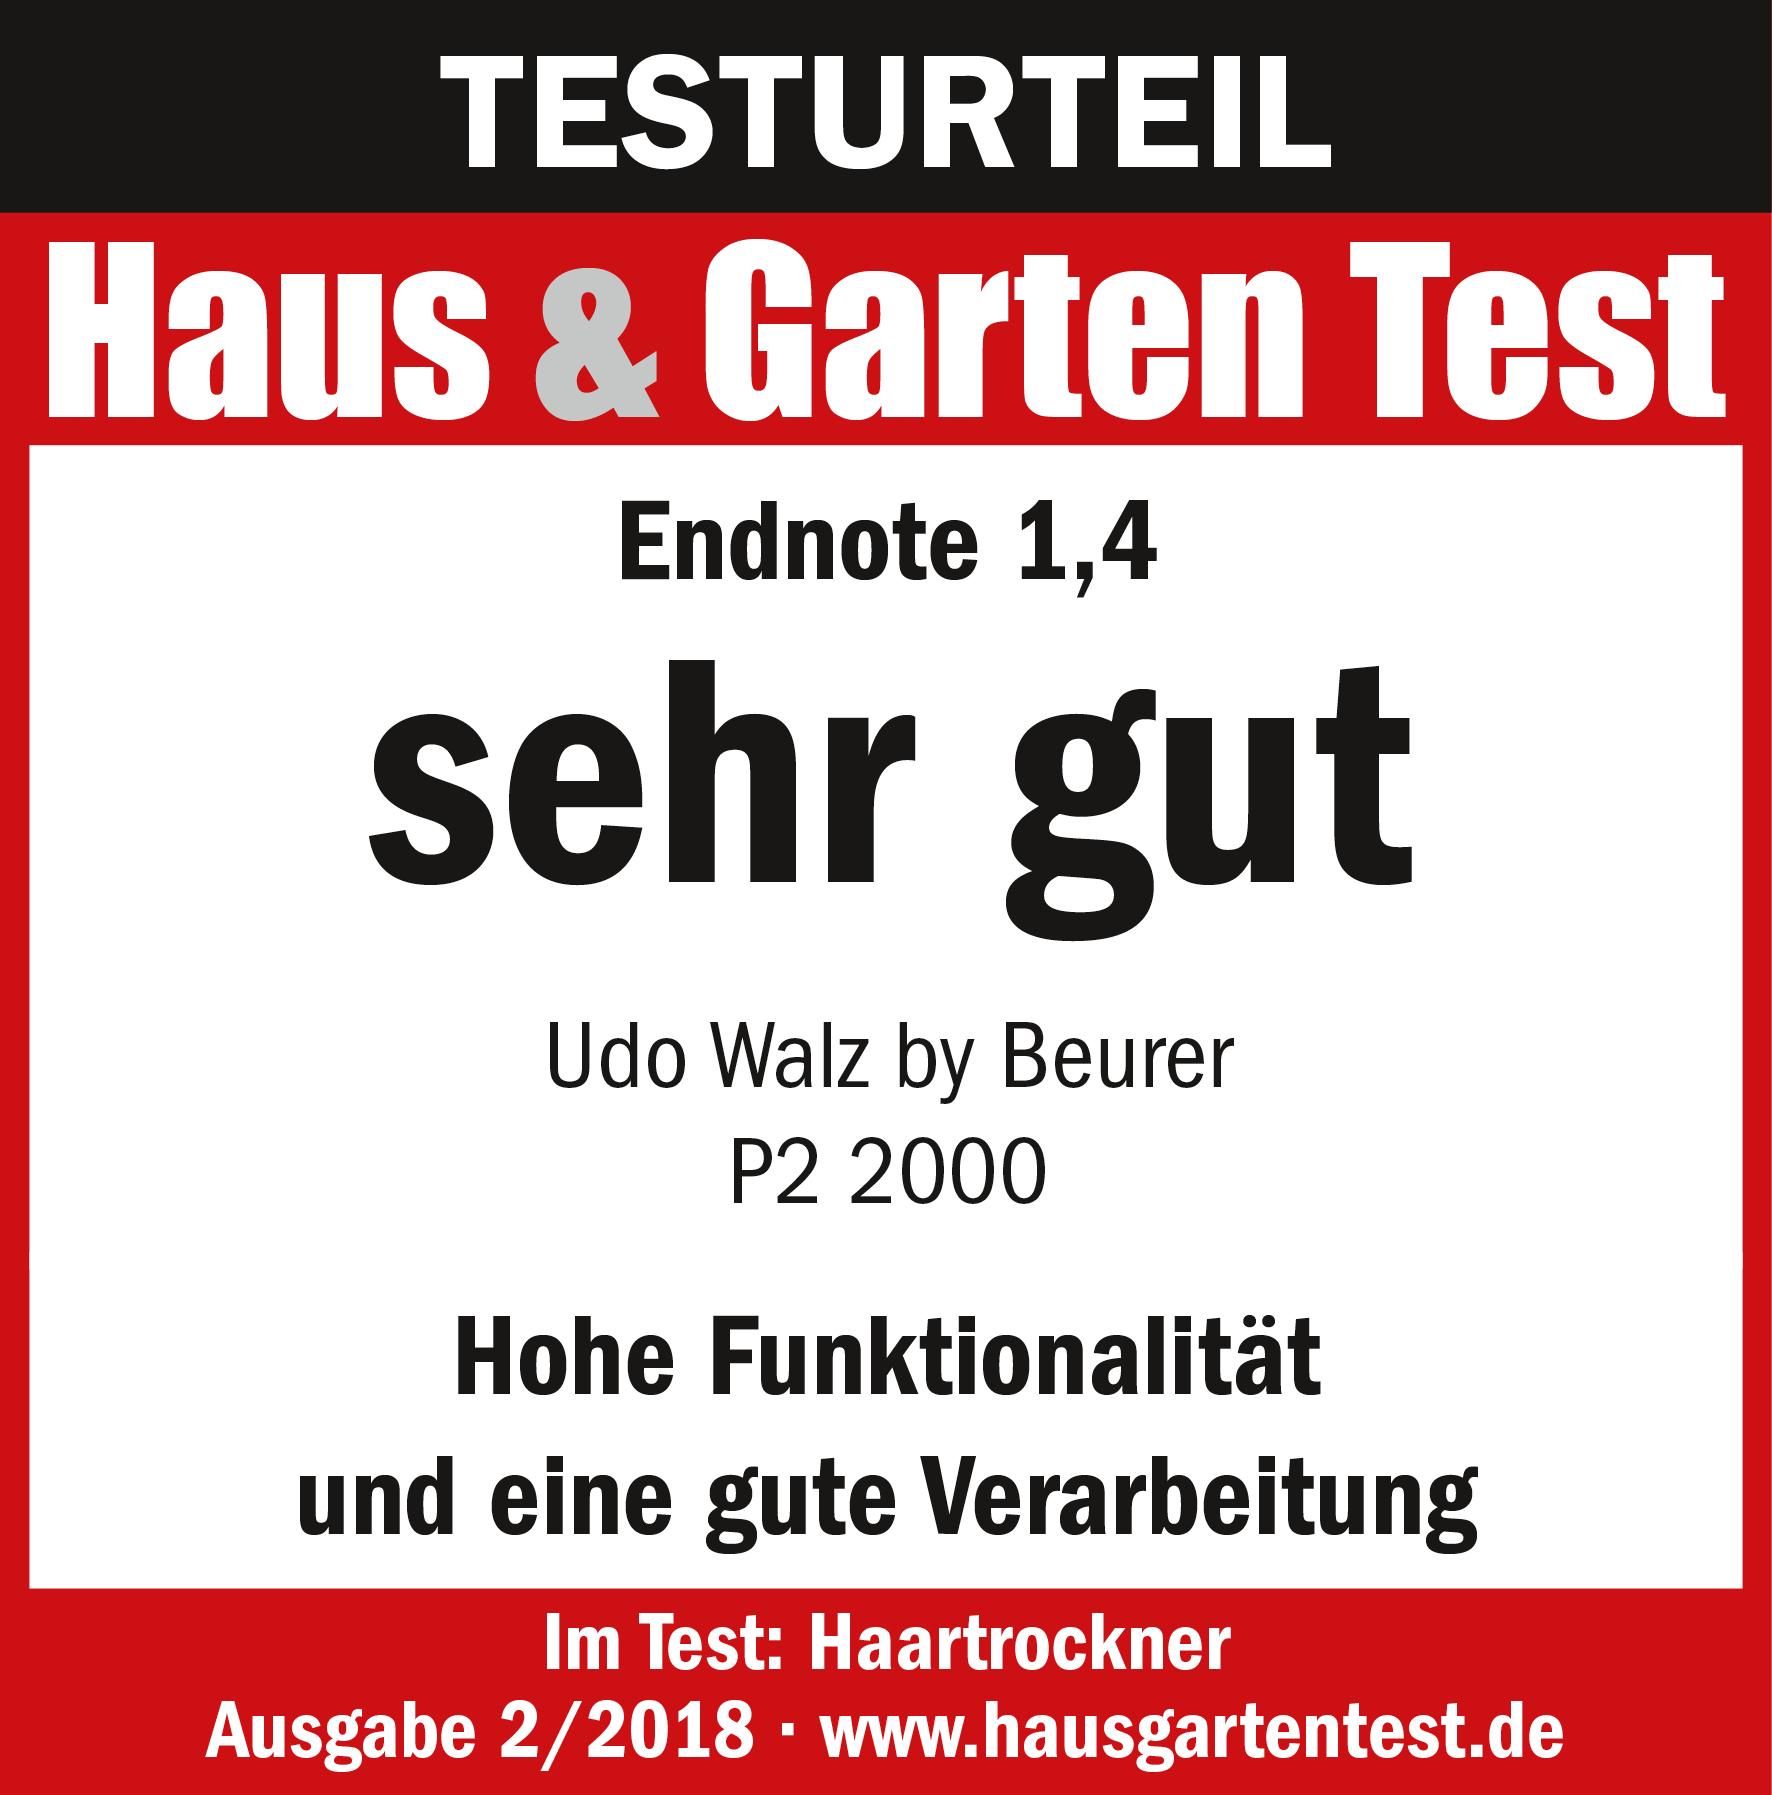 Testurteil: (1,4) sehr gut für den Haartrockner von Udo Walz by beurer P2 2000, 04/2017